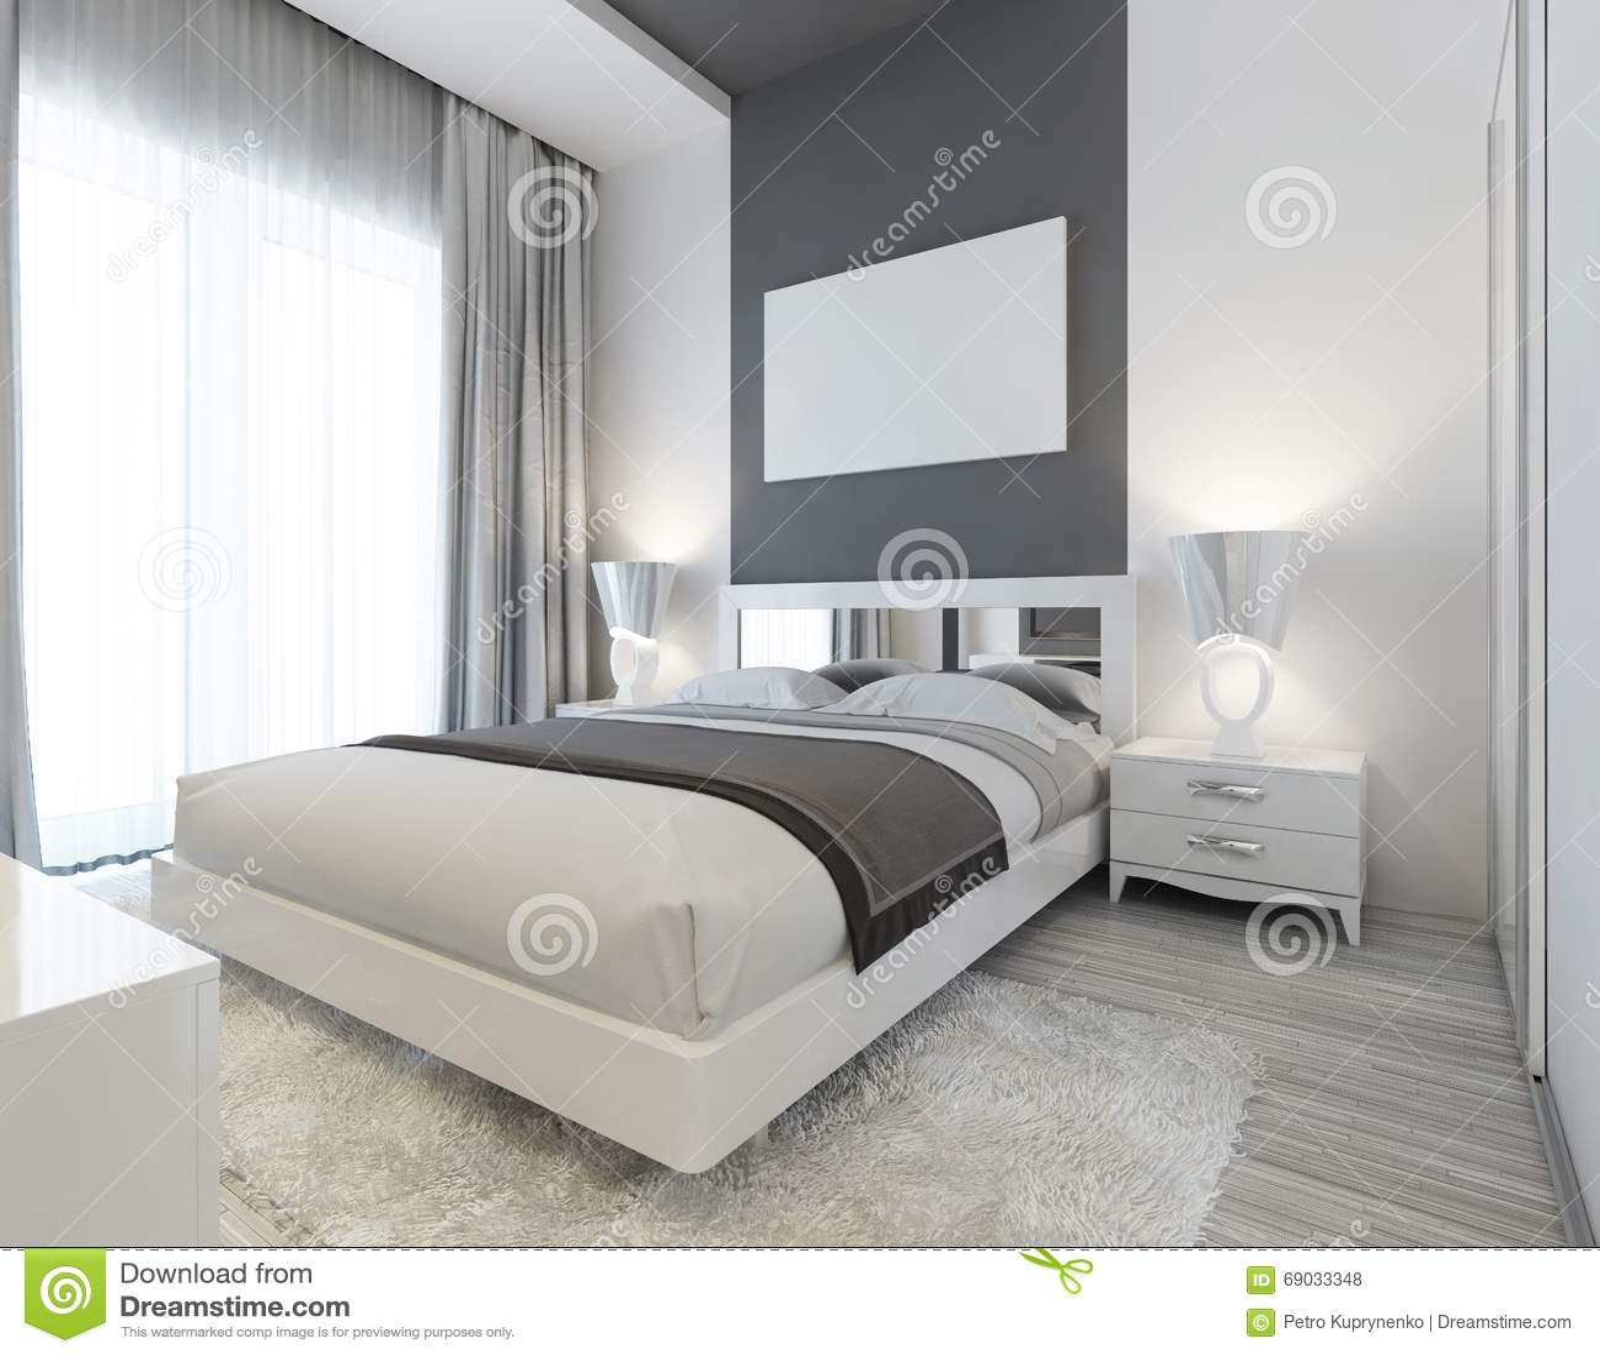 Sypialnia w art deco stylu w bielu i szaro kolorach ilustracji obraz 69033348 - Deco kamer kind gemengd ...